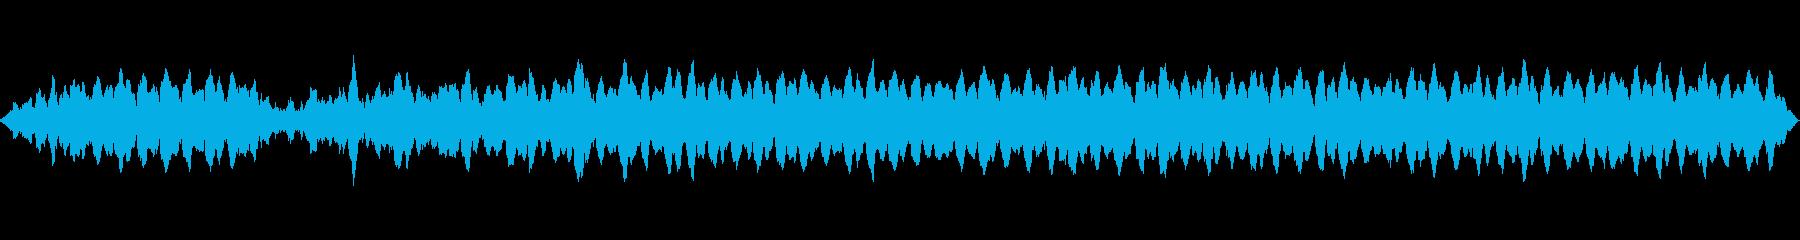 スキーリフトの再生済みの波形